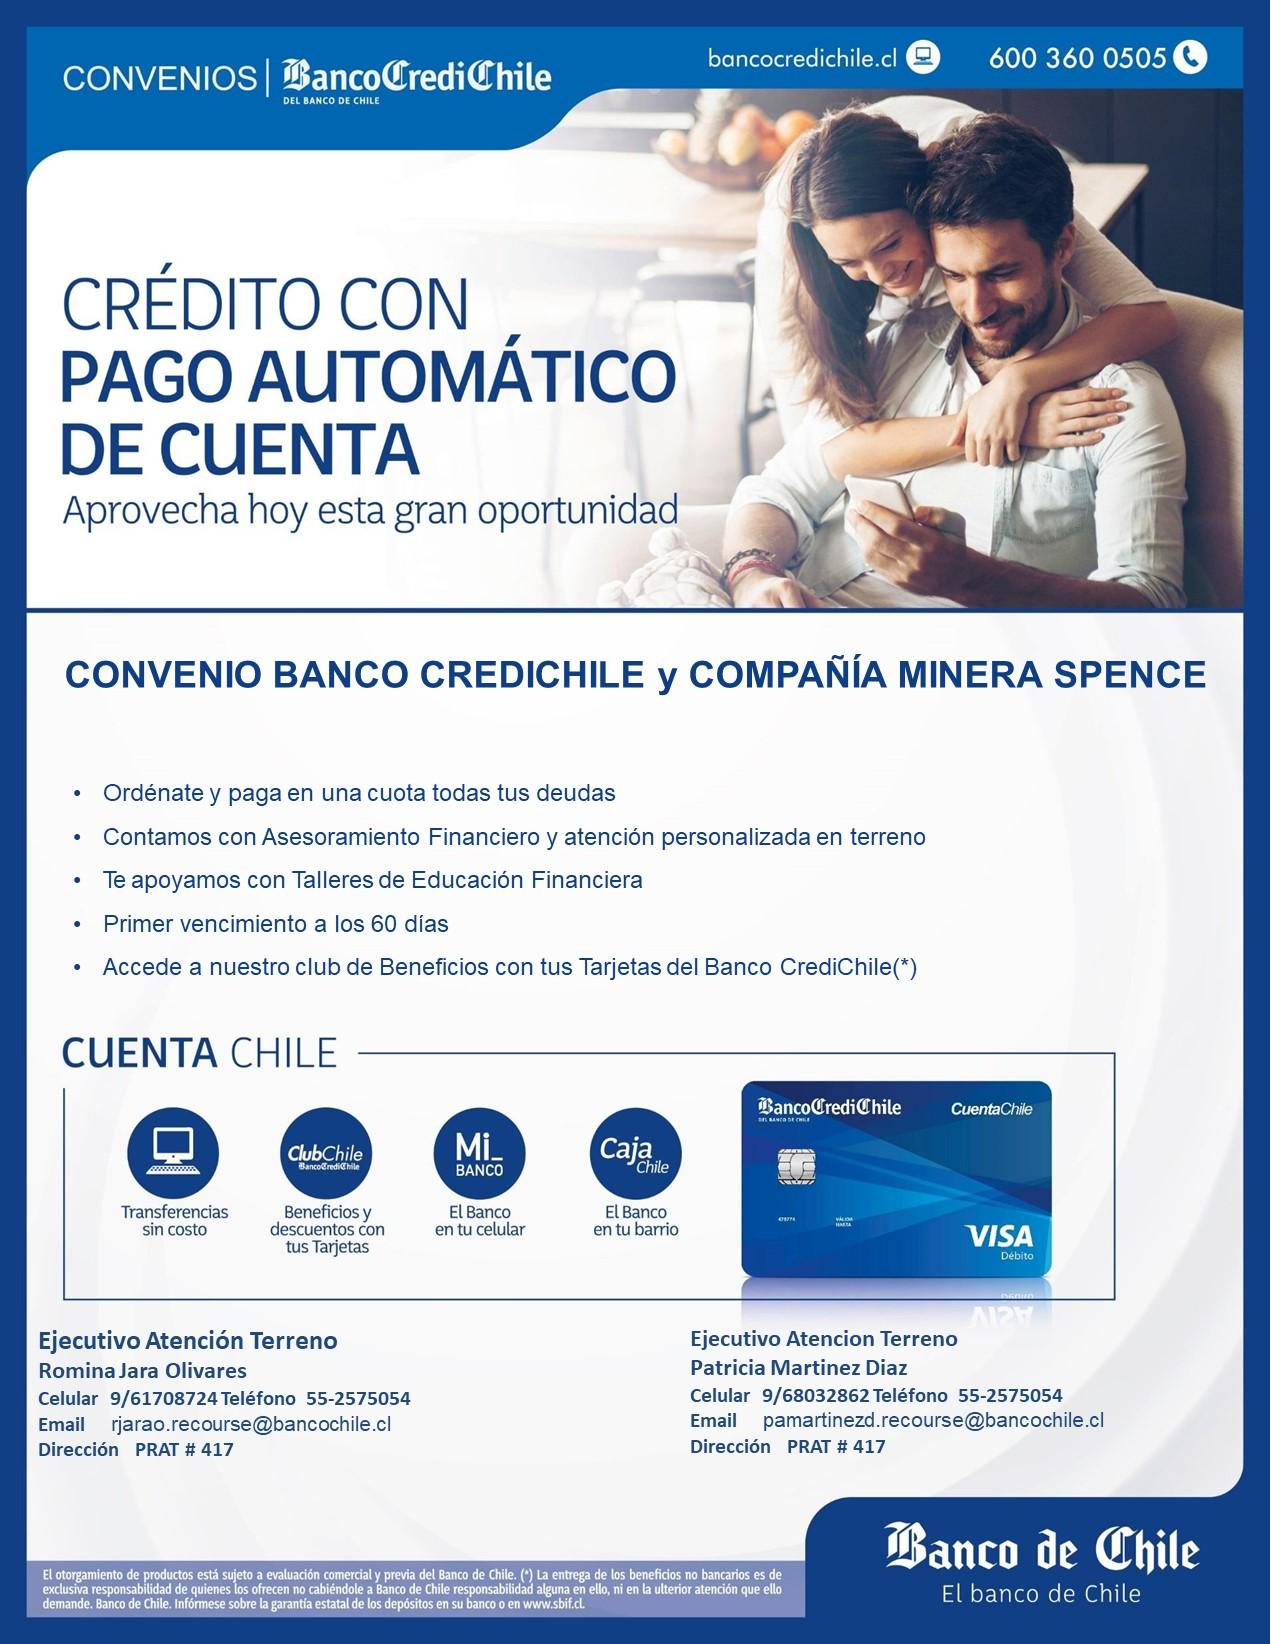 Convenio Banco Credichile